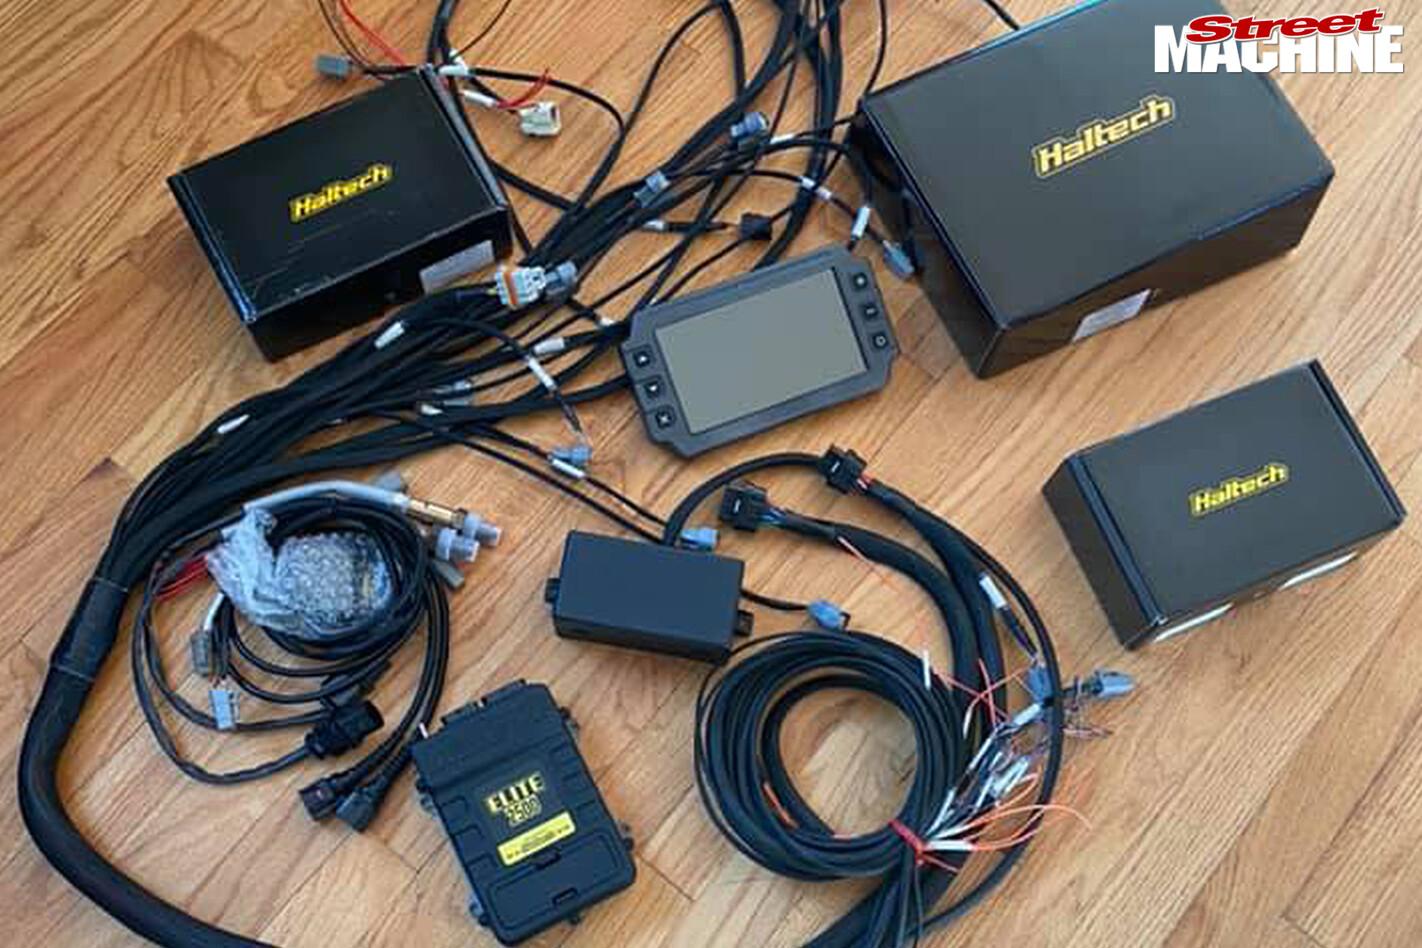 Street Machine TV Haltech